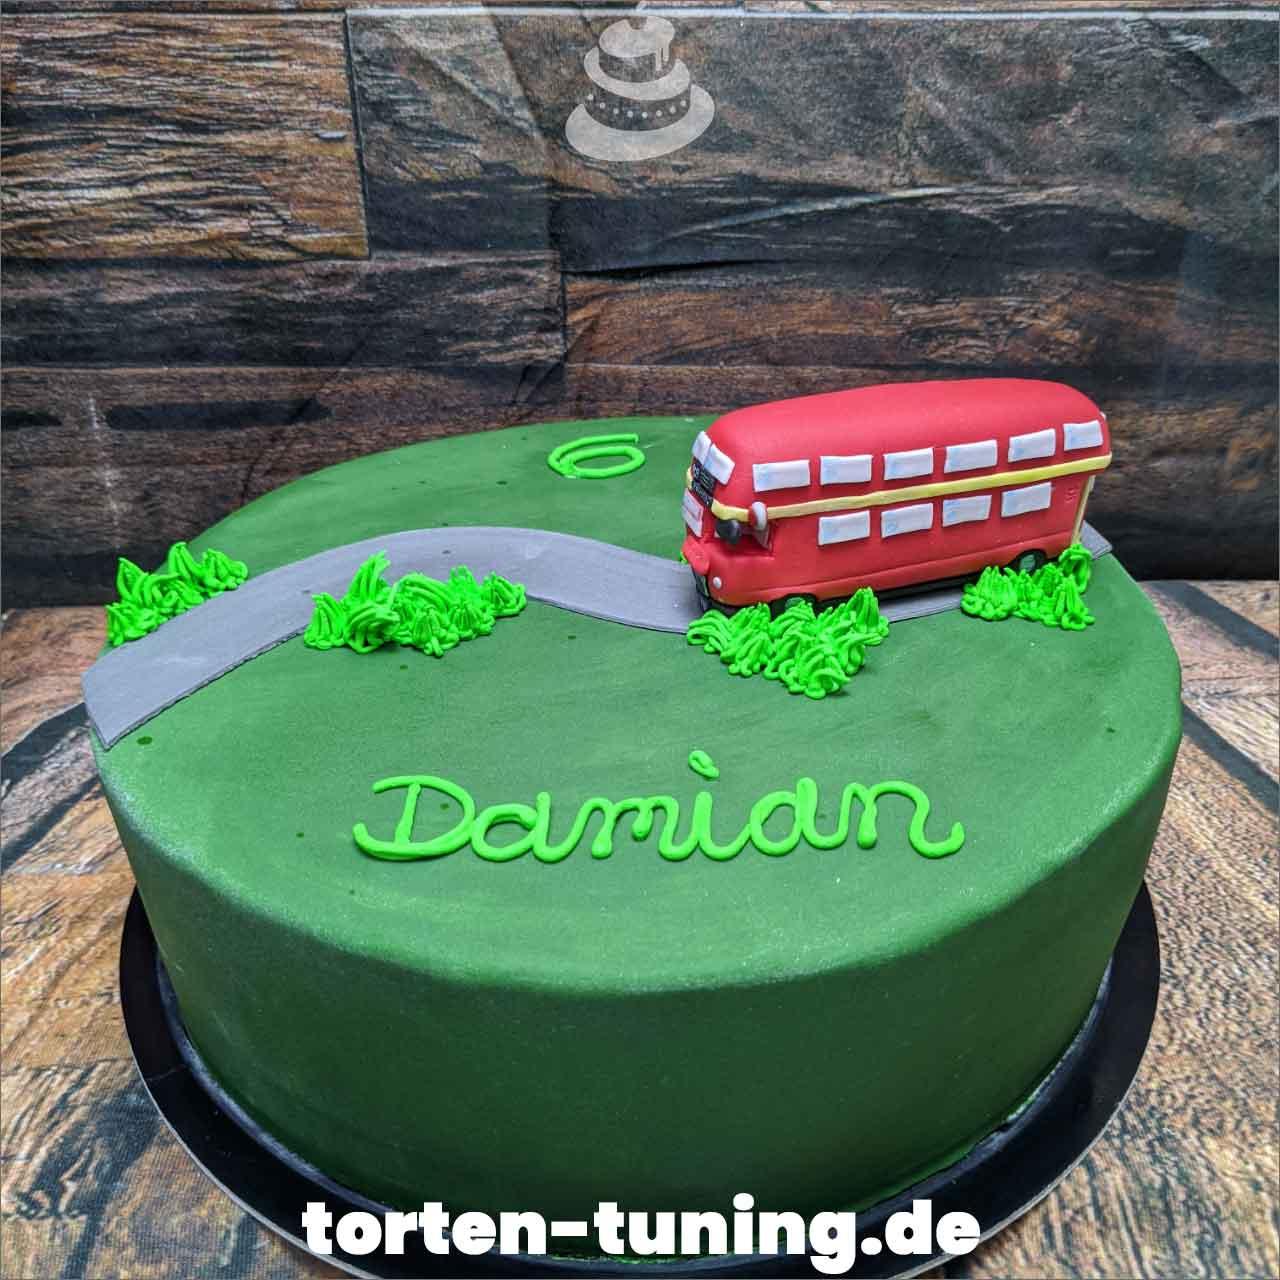 Doppeldeckerbus Obsttorte Geburtstagstorte Motivtorte Torte Tortendekoration Torte online bestellen Suhl Thüringen Torten Tuning Sahnetorte Tortenfiguren Cake Topper